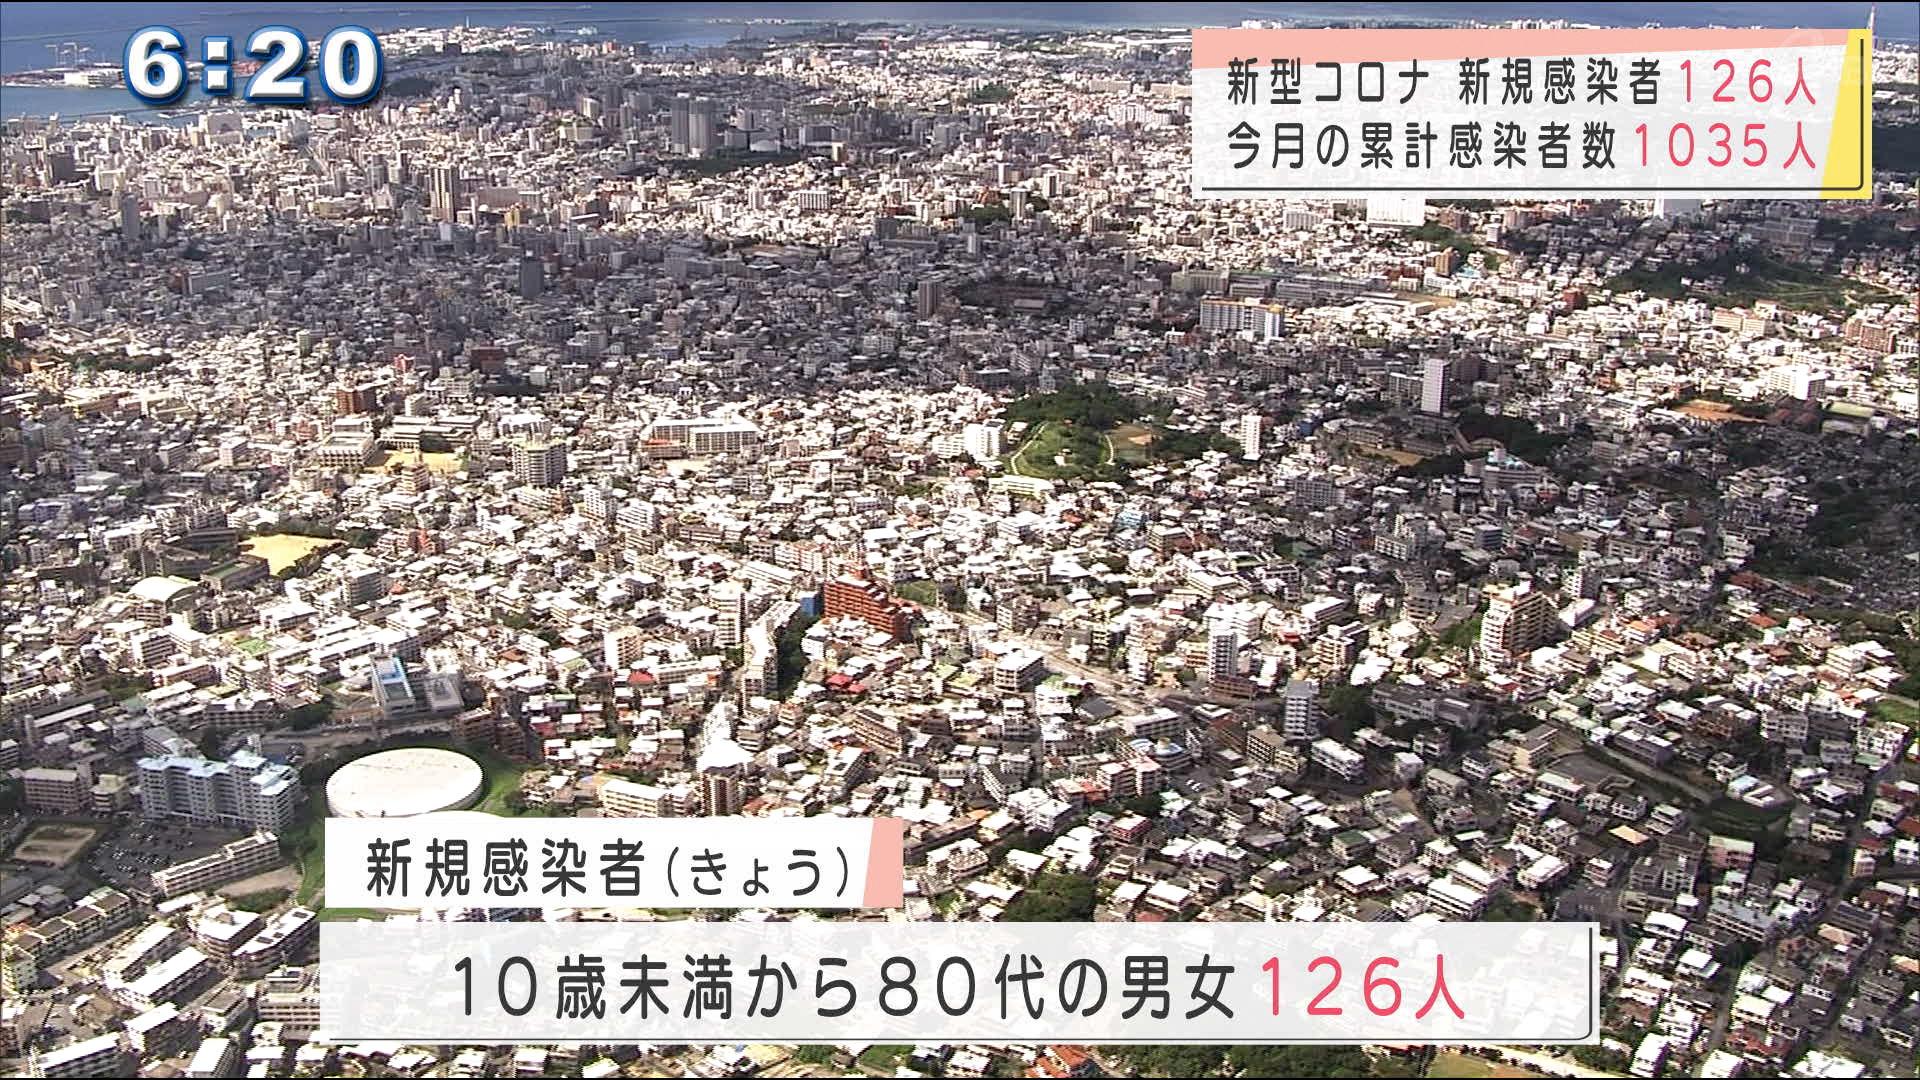 今日 沖縄 者 コロナ 感染